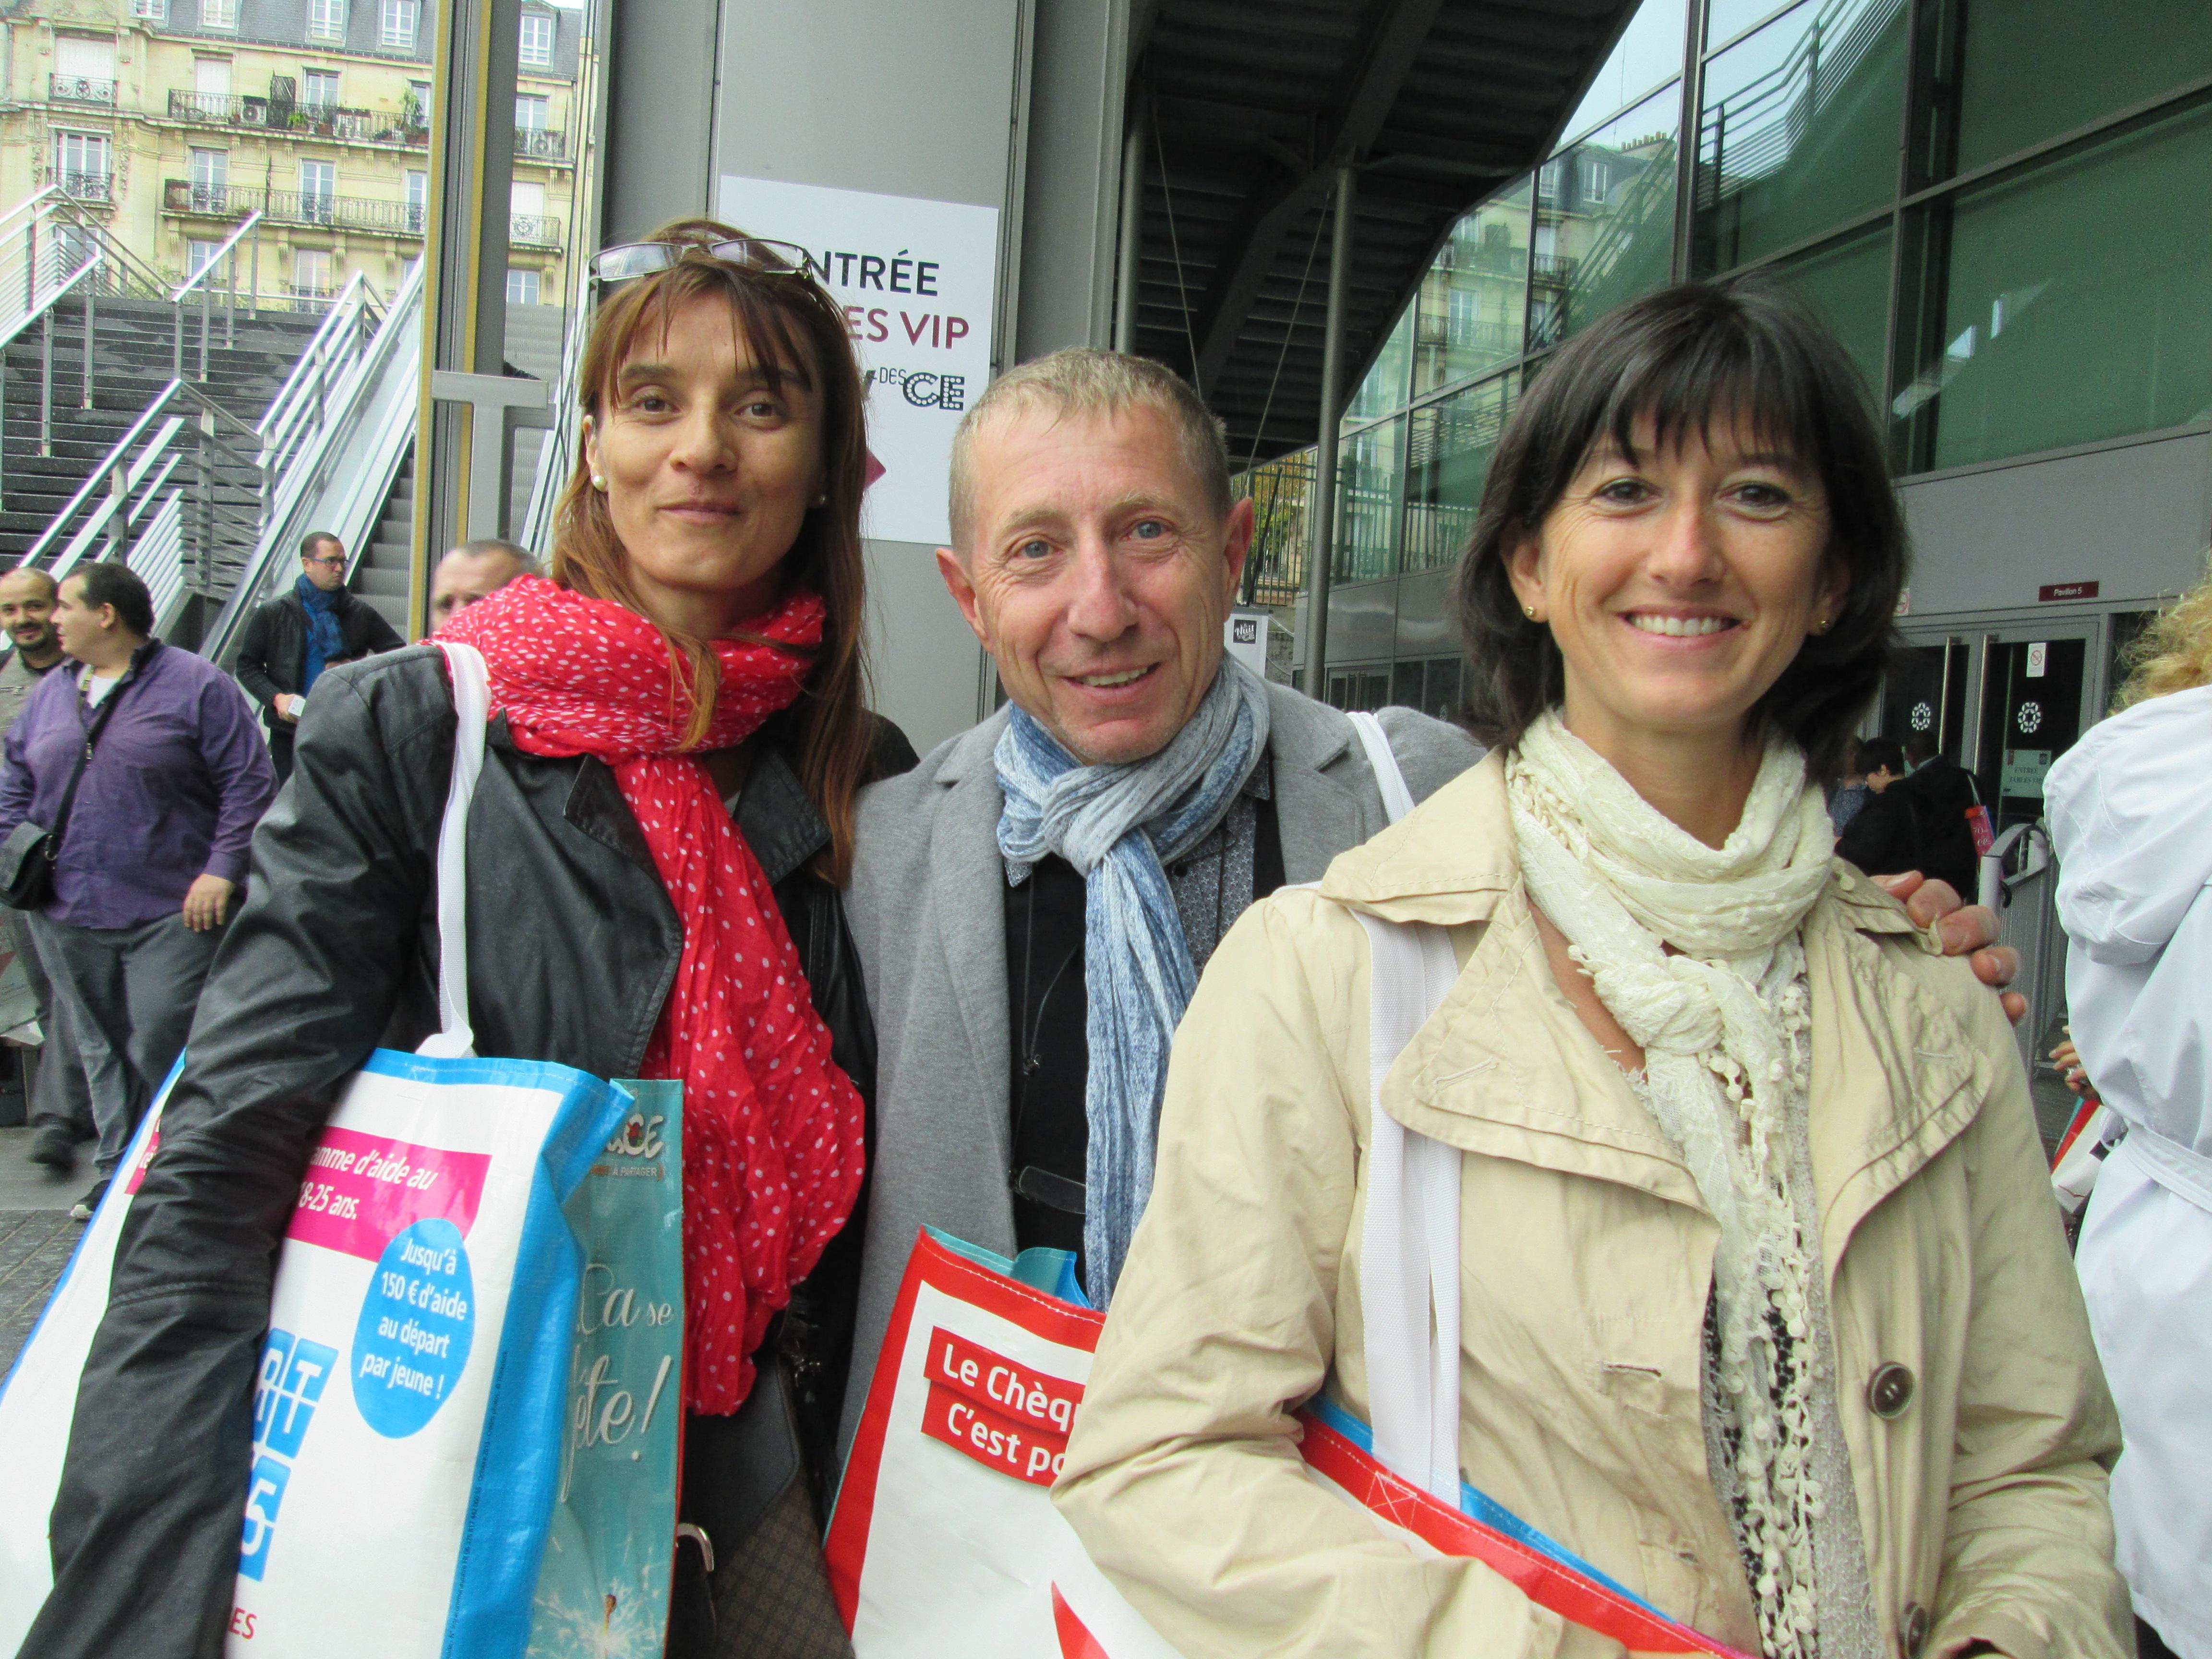 Serge Charpenay, un secrétaire de CE heureux entouré par deux de ses collègues lors du dernier SalonsCE de Paris.